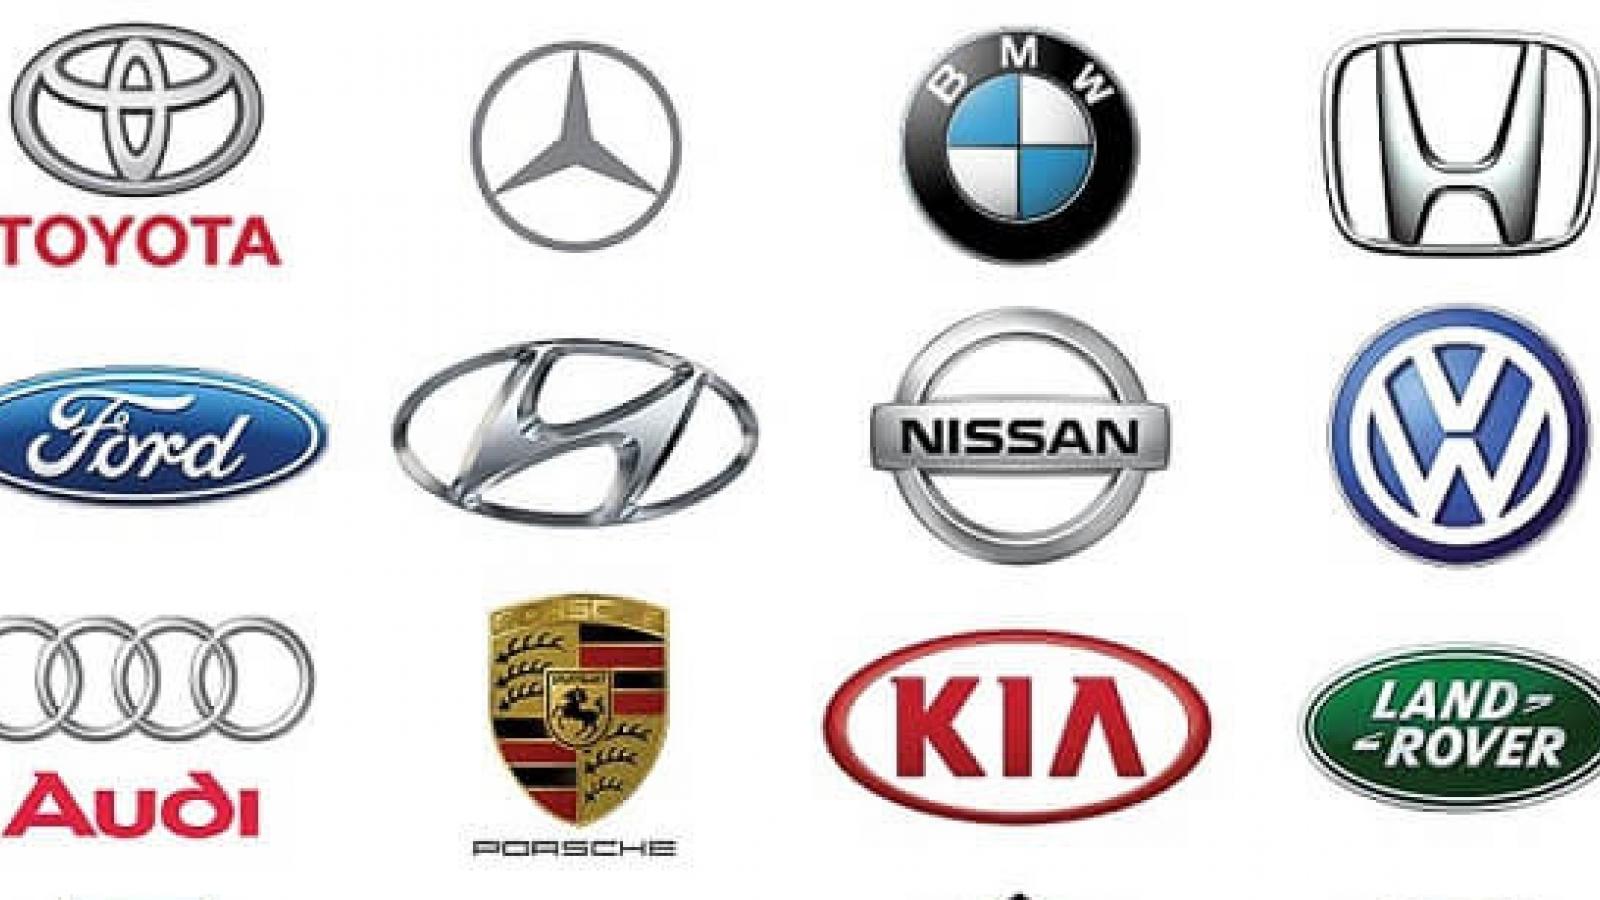 Thương hiệu nào bán được nhiều xe nhất Việt Nam?